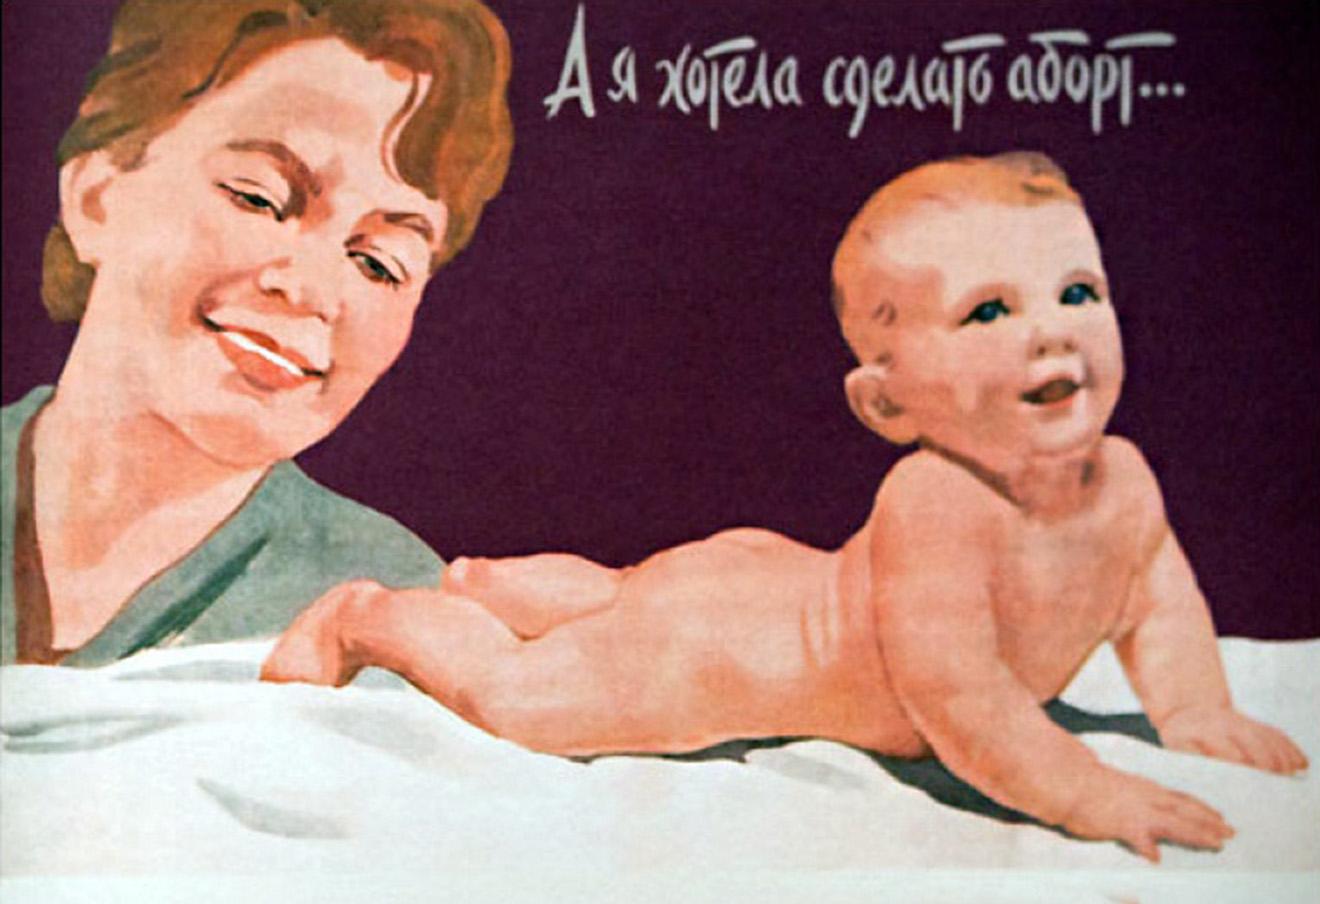 Правда про аборты в СССР. абортов, аборты, стране, период, женщины, Подписывайтесь, примерно, Разумеется, разрешили, статистика, советские, годов, когда, просто, комментариях, причём, практически, большевики, аборт, случаев